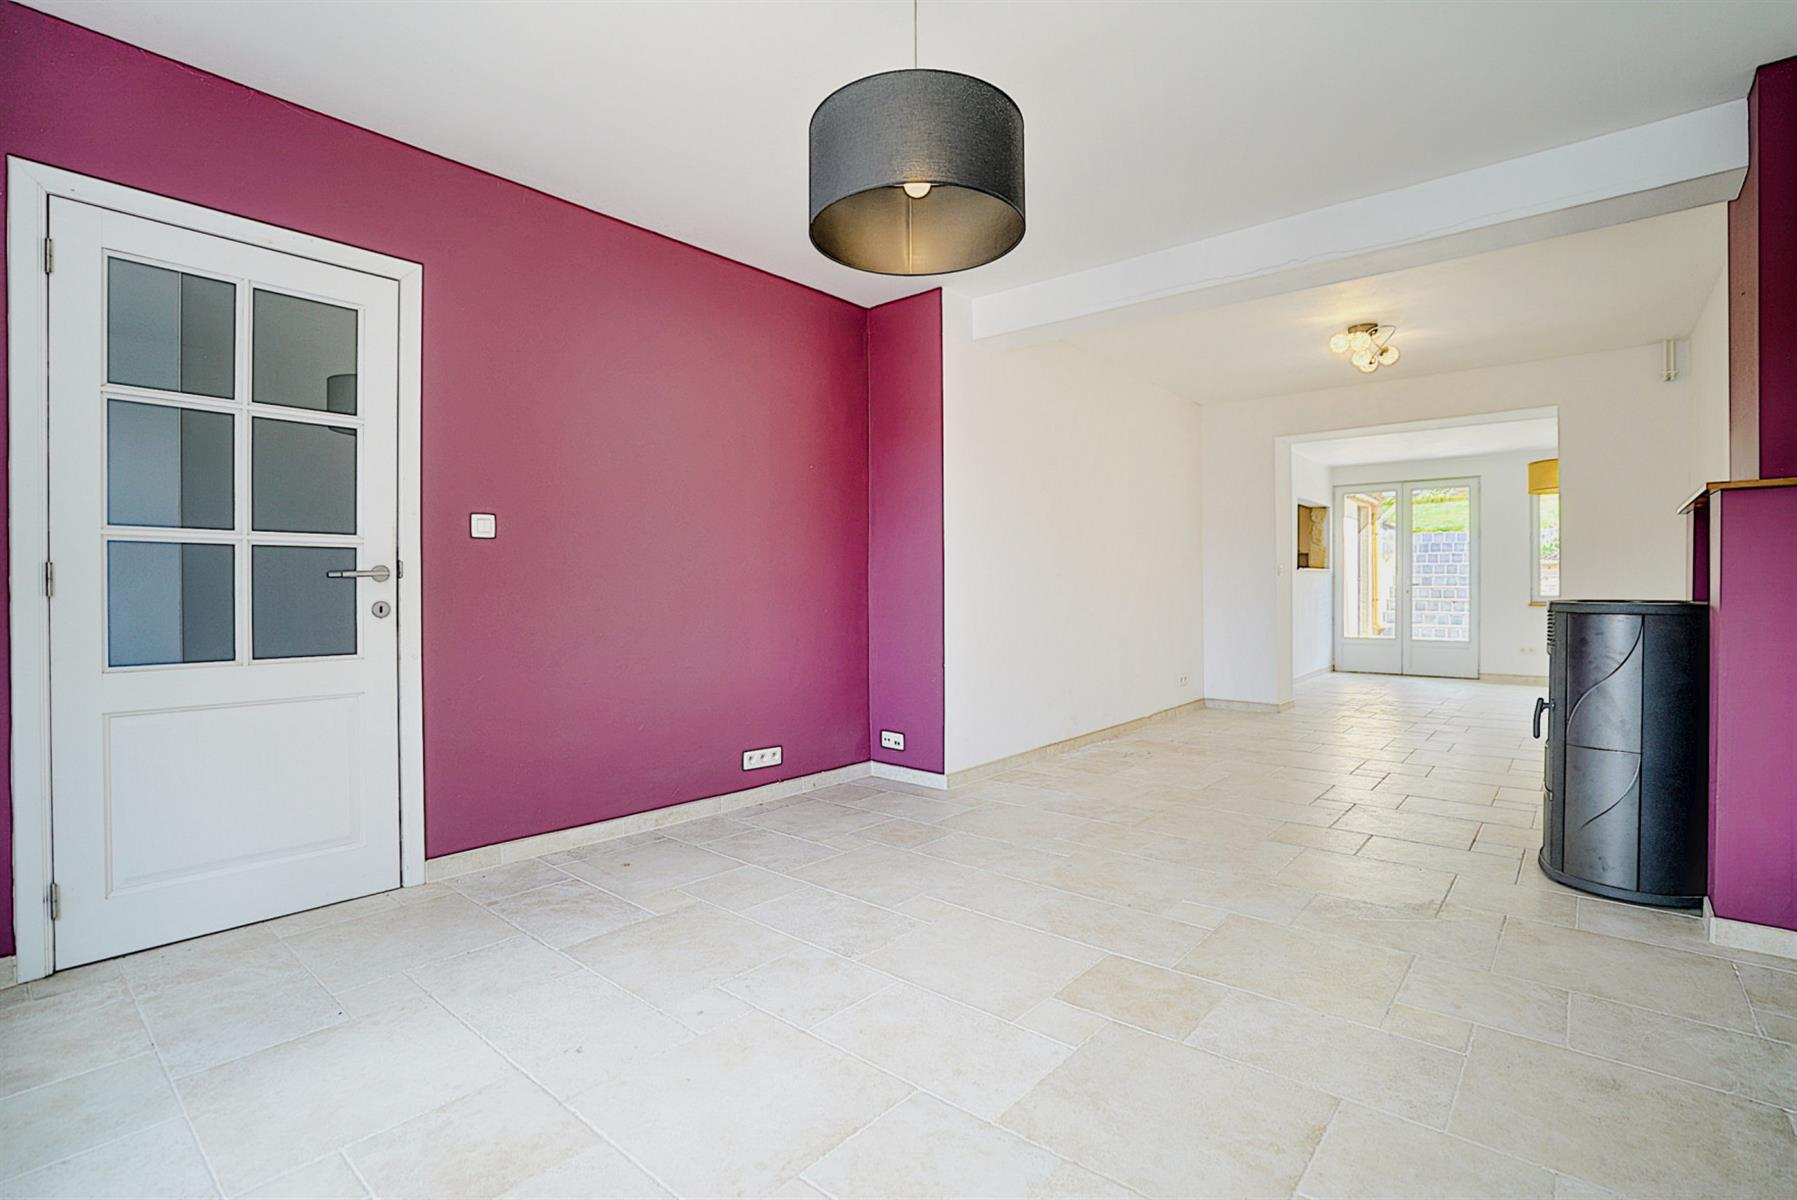 Maison - Mont-saint-guibert - #4326109-2